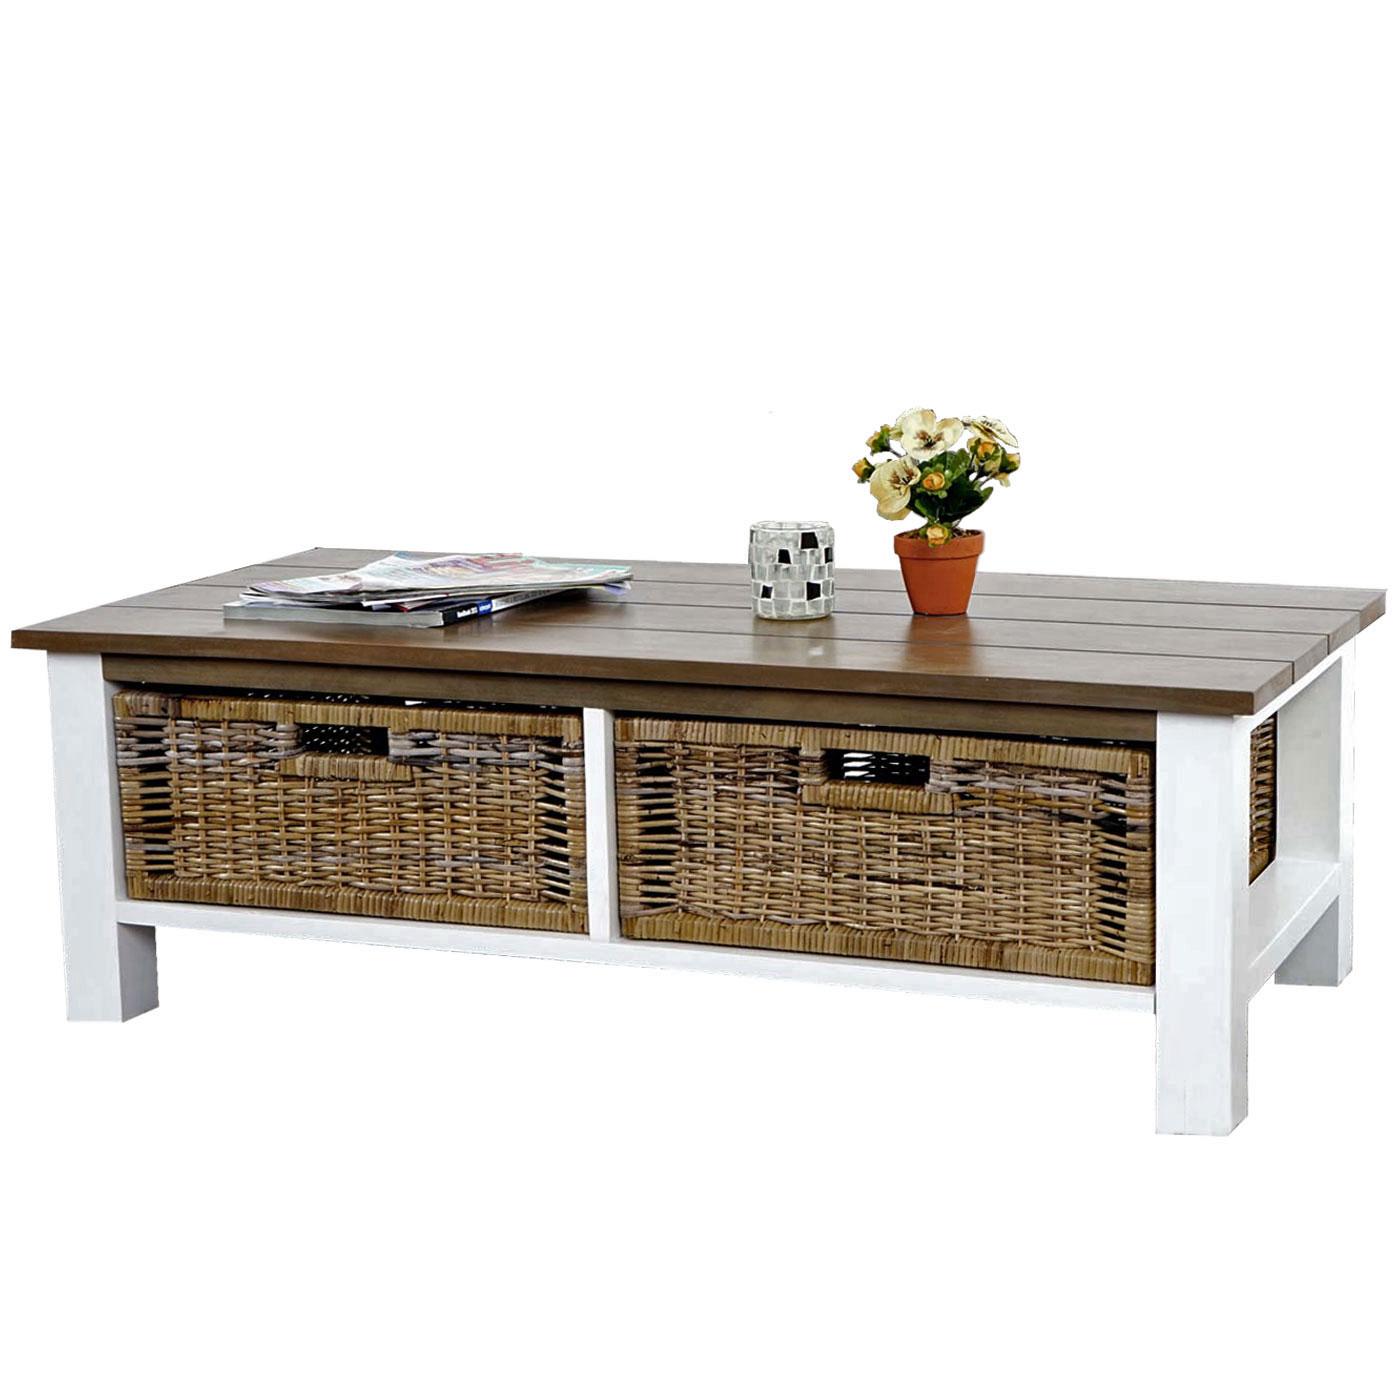 Couchtisch Tula Wohnzimmertisch Beistelltisch Holztisch